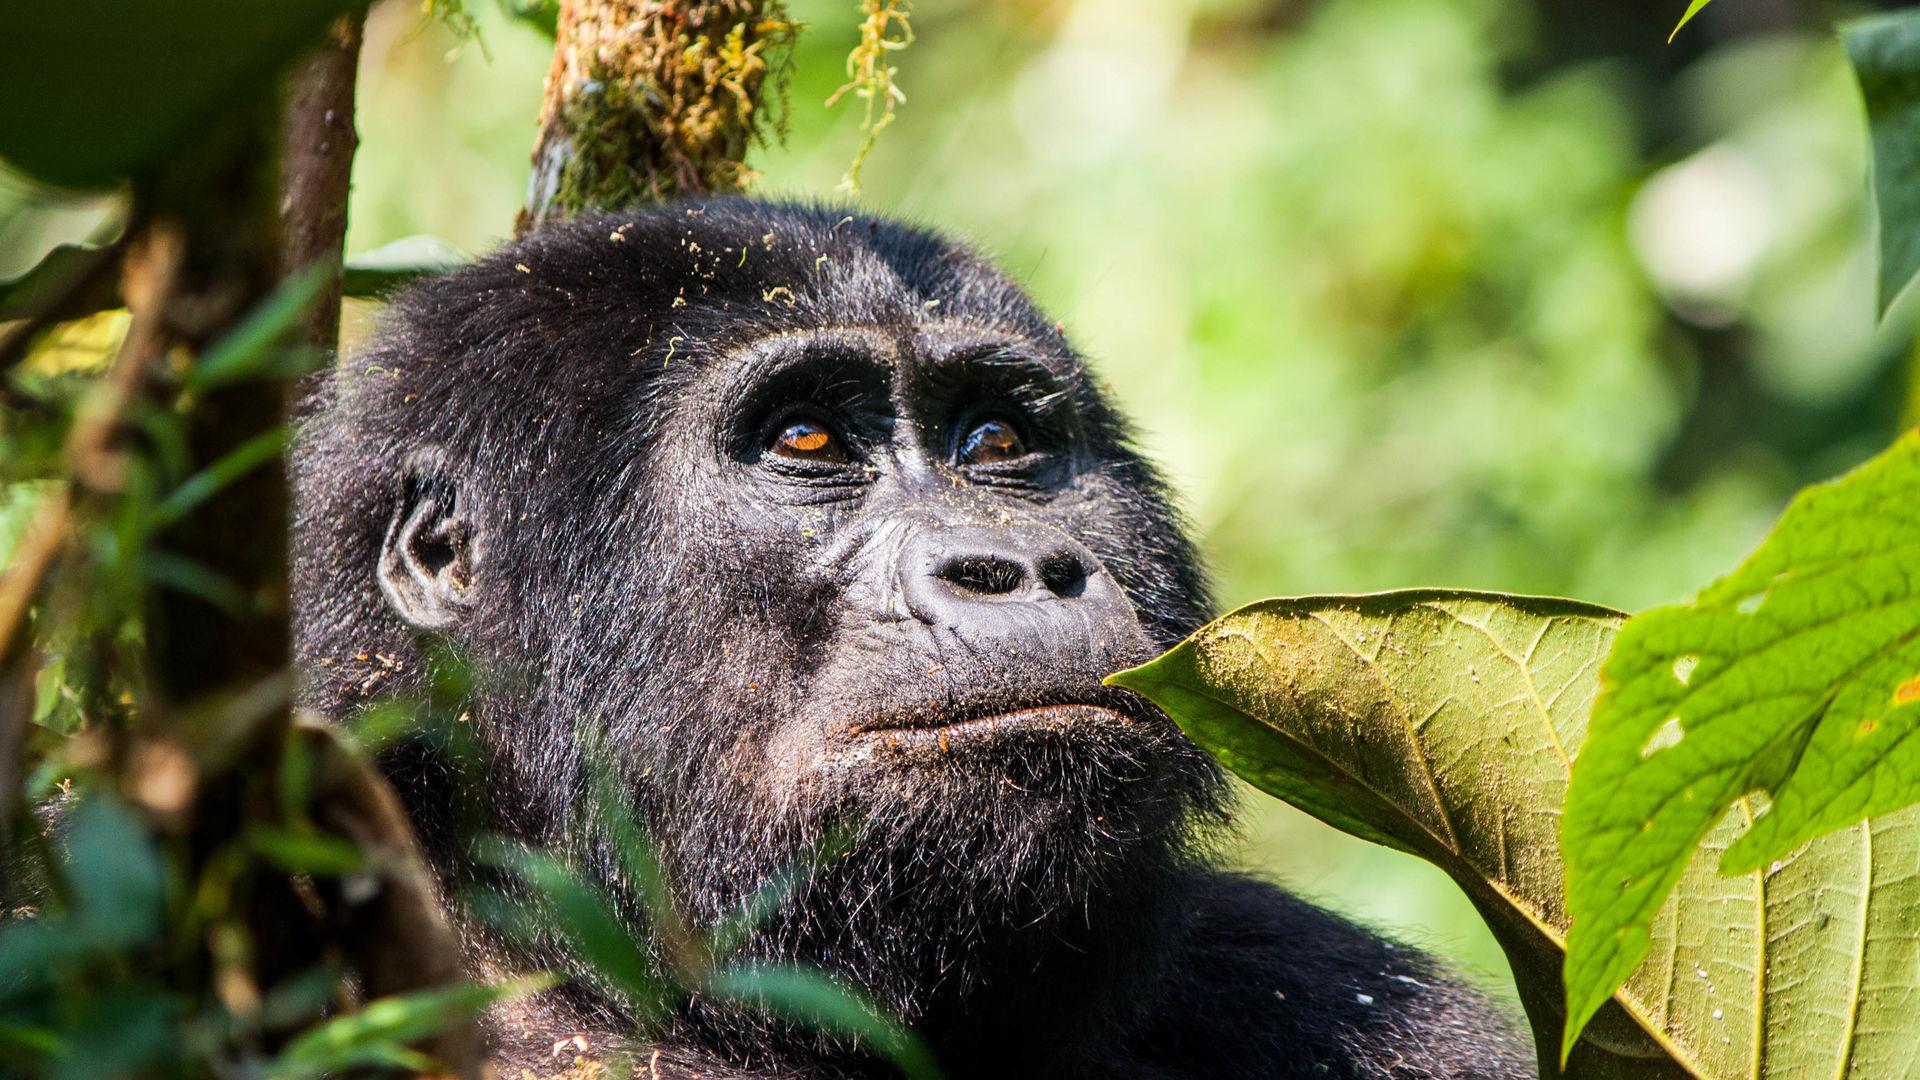 Oeganda rondreis actie gorillapermit